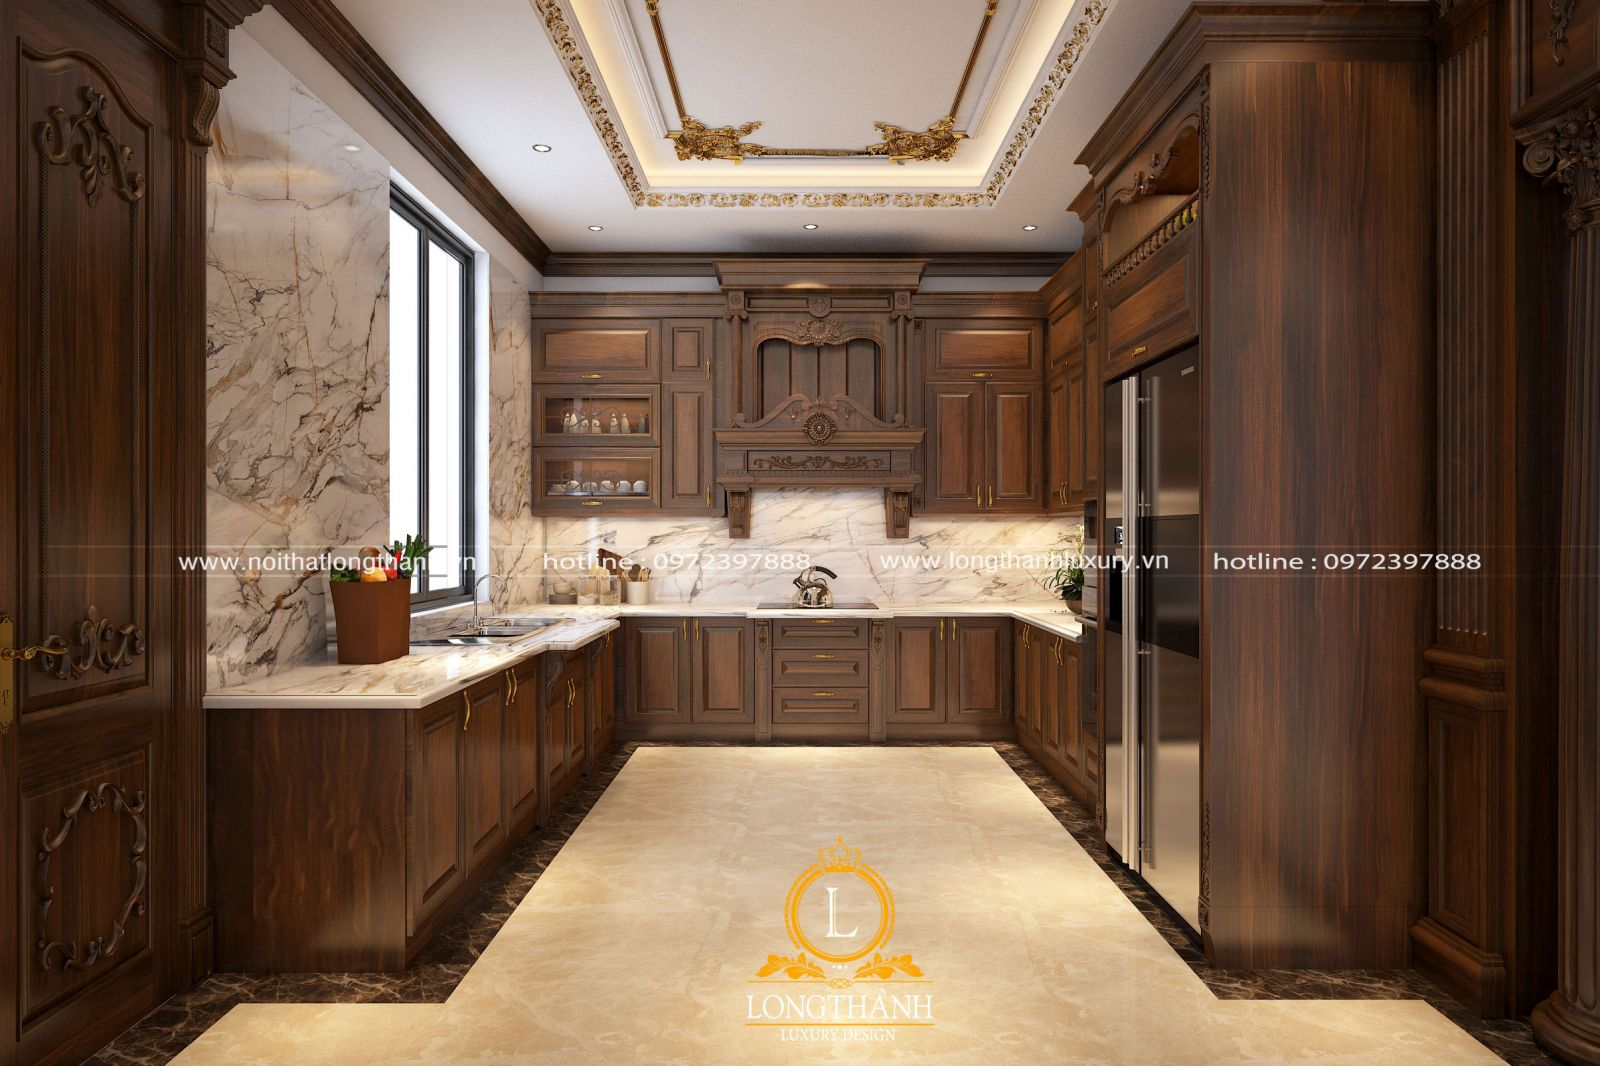 Mẫu tủ bếp gõ Sồi tự nhiên thiết kế theo hình chữ U